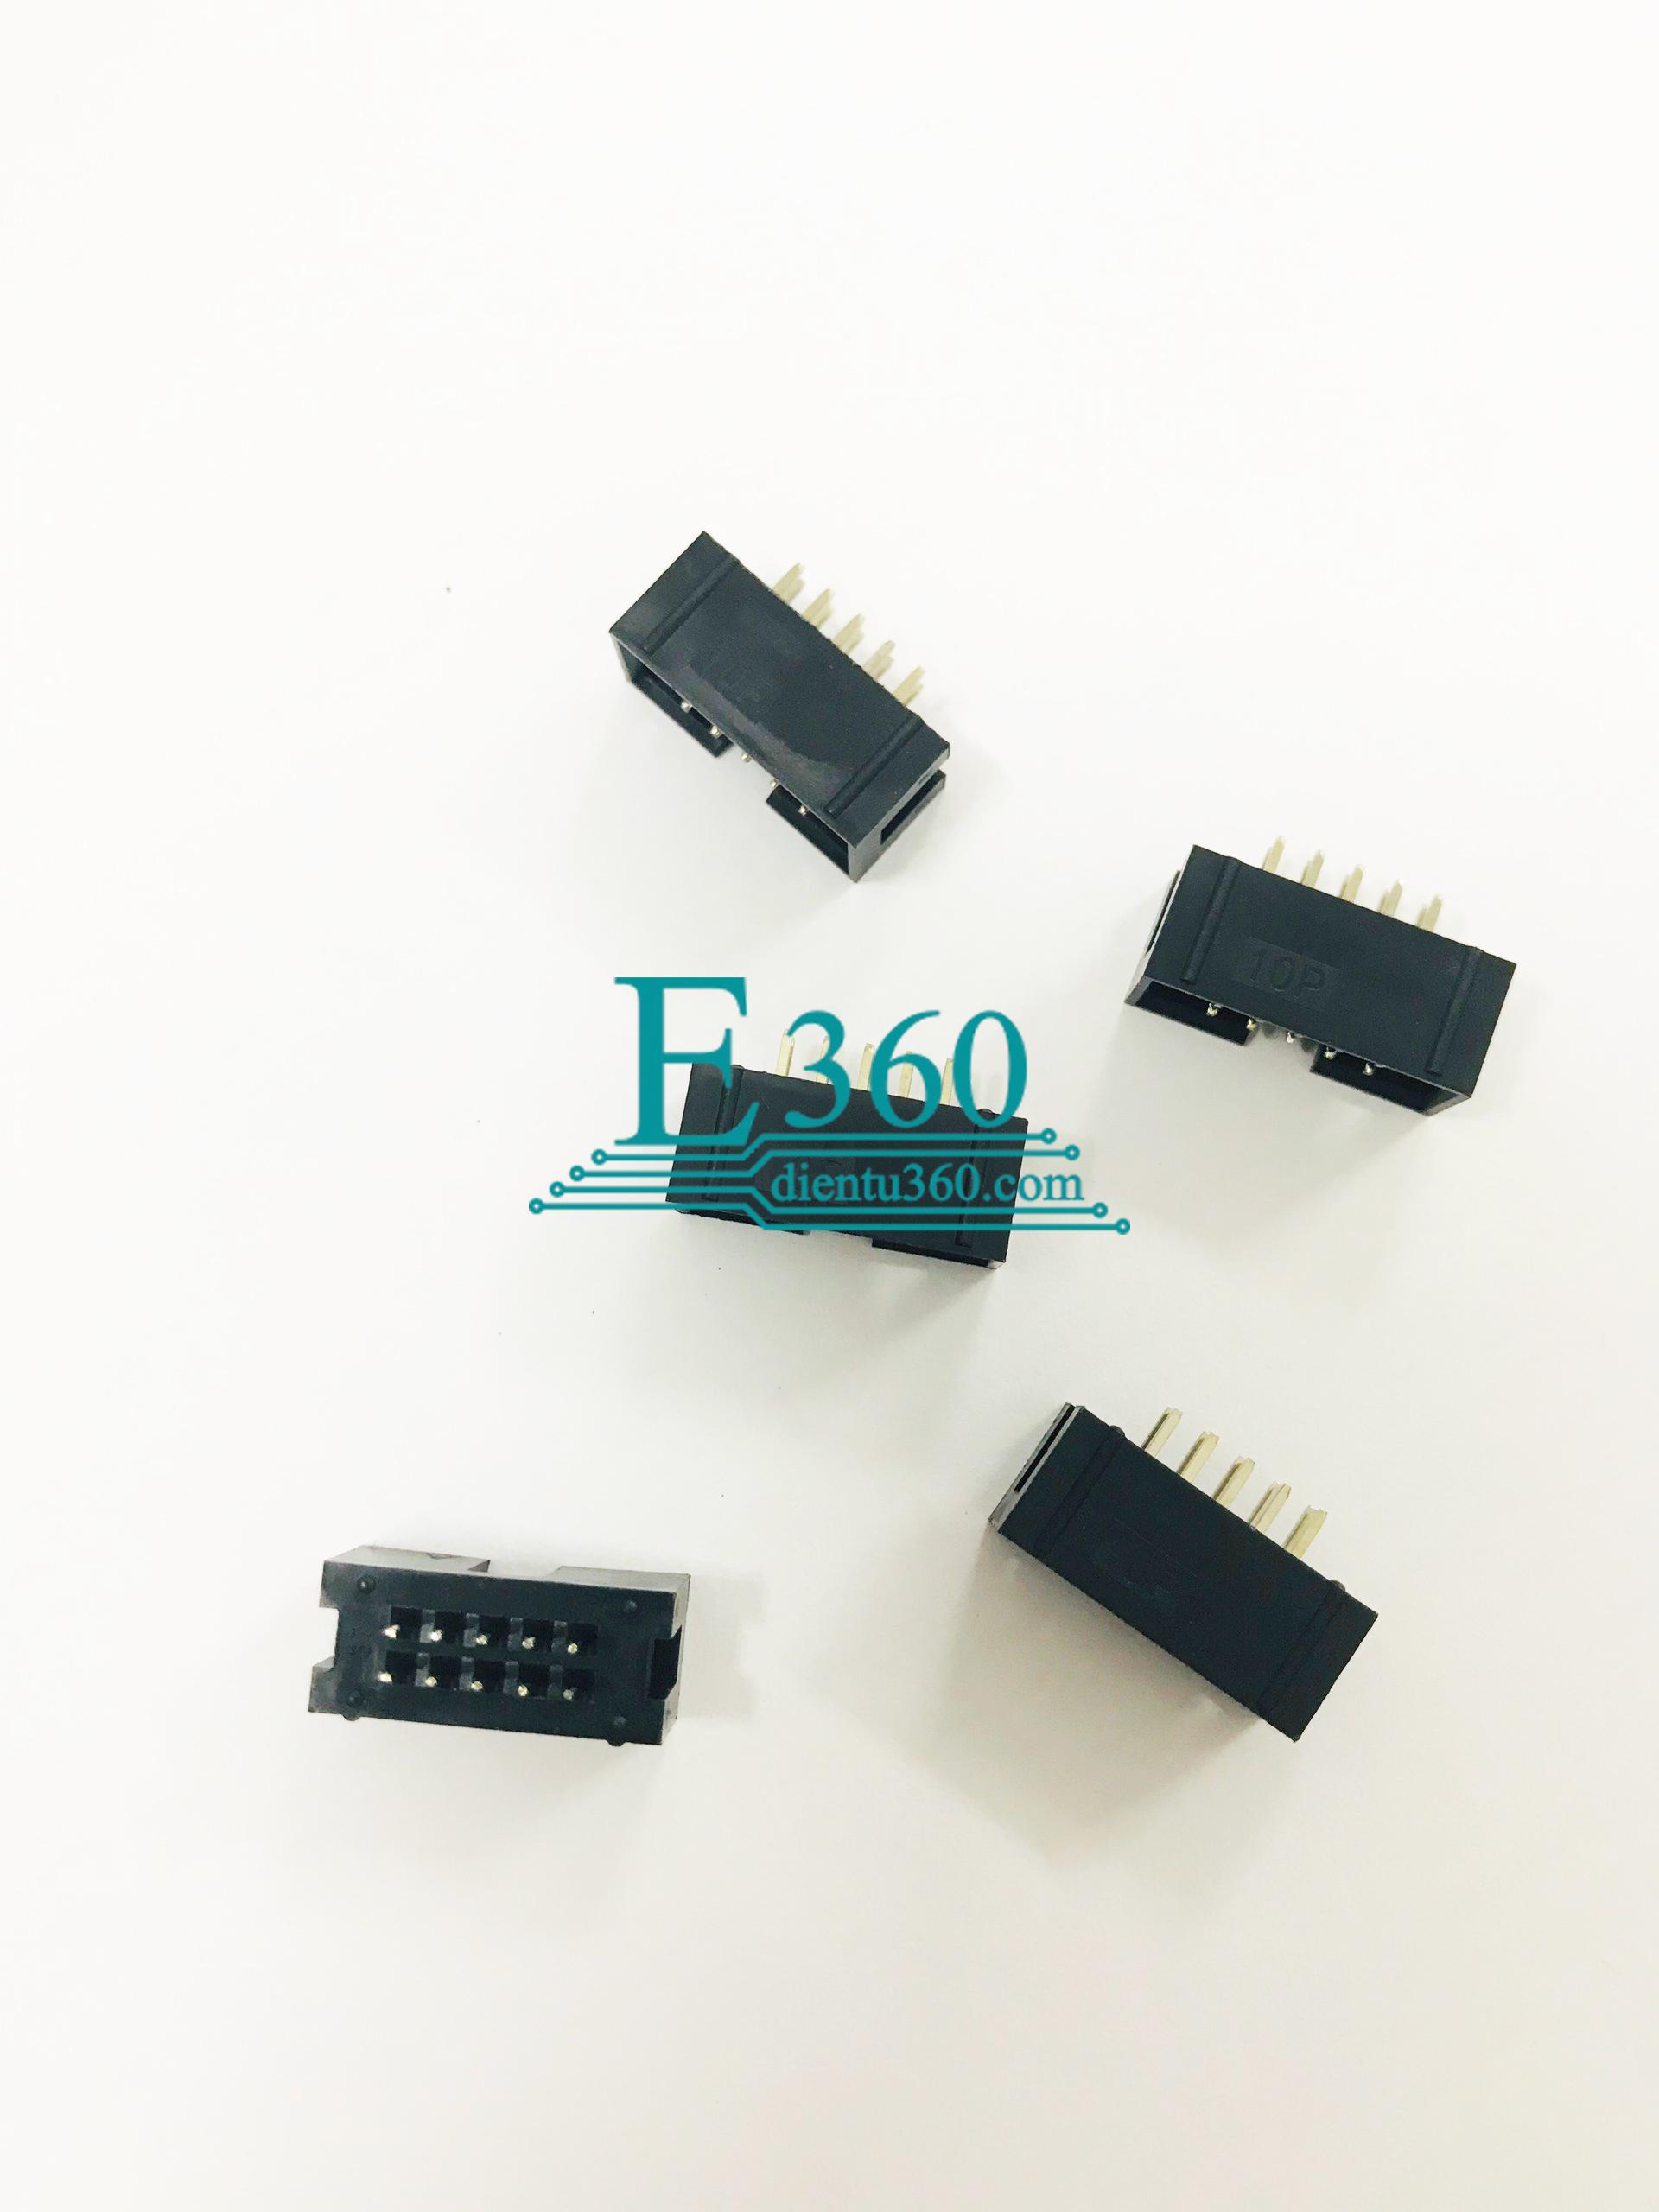 idc-duc-thang-10p-2-54mm-den